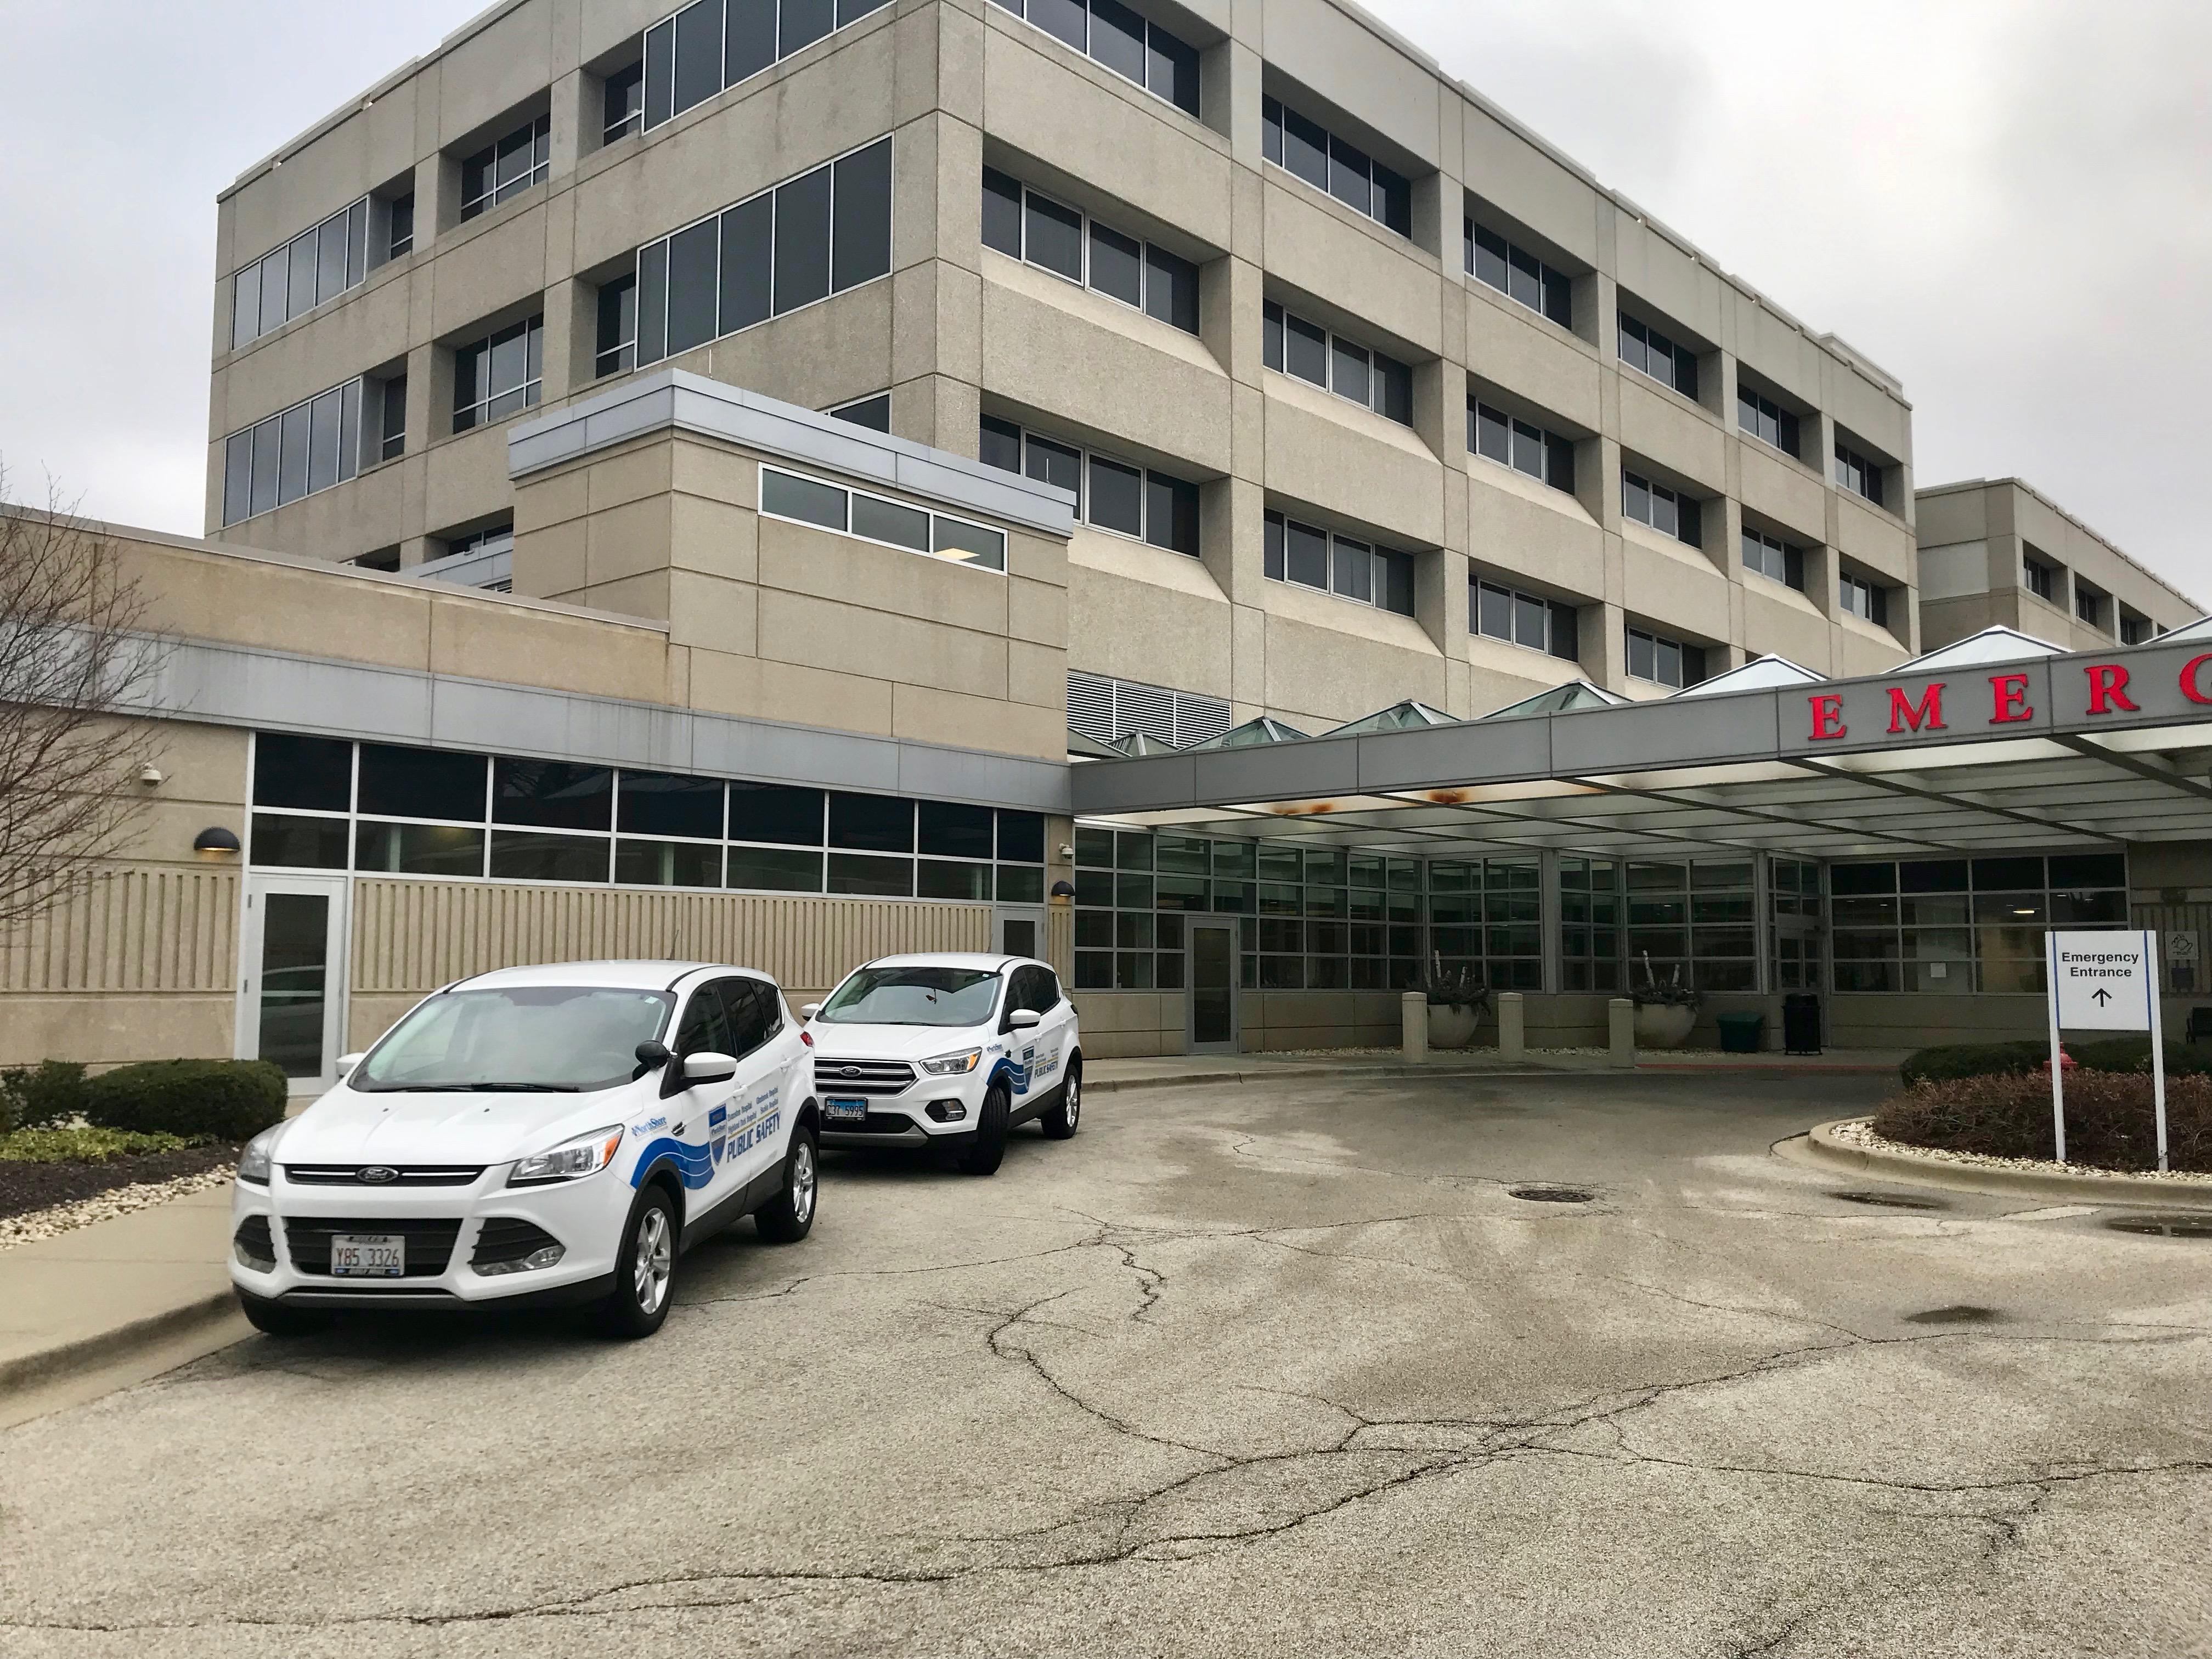 Glenbrook Hospital, Glenview, IL